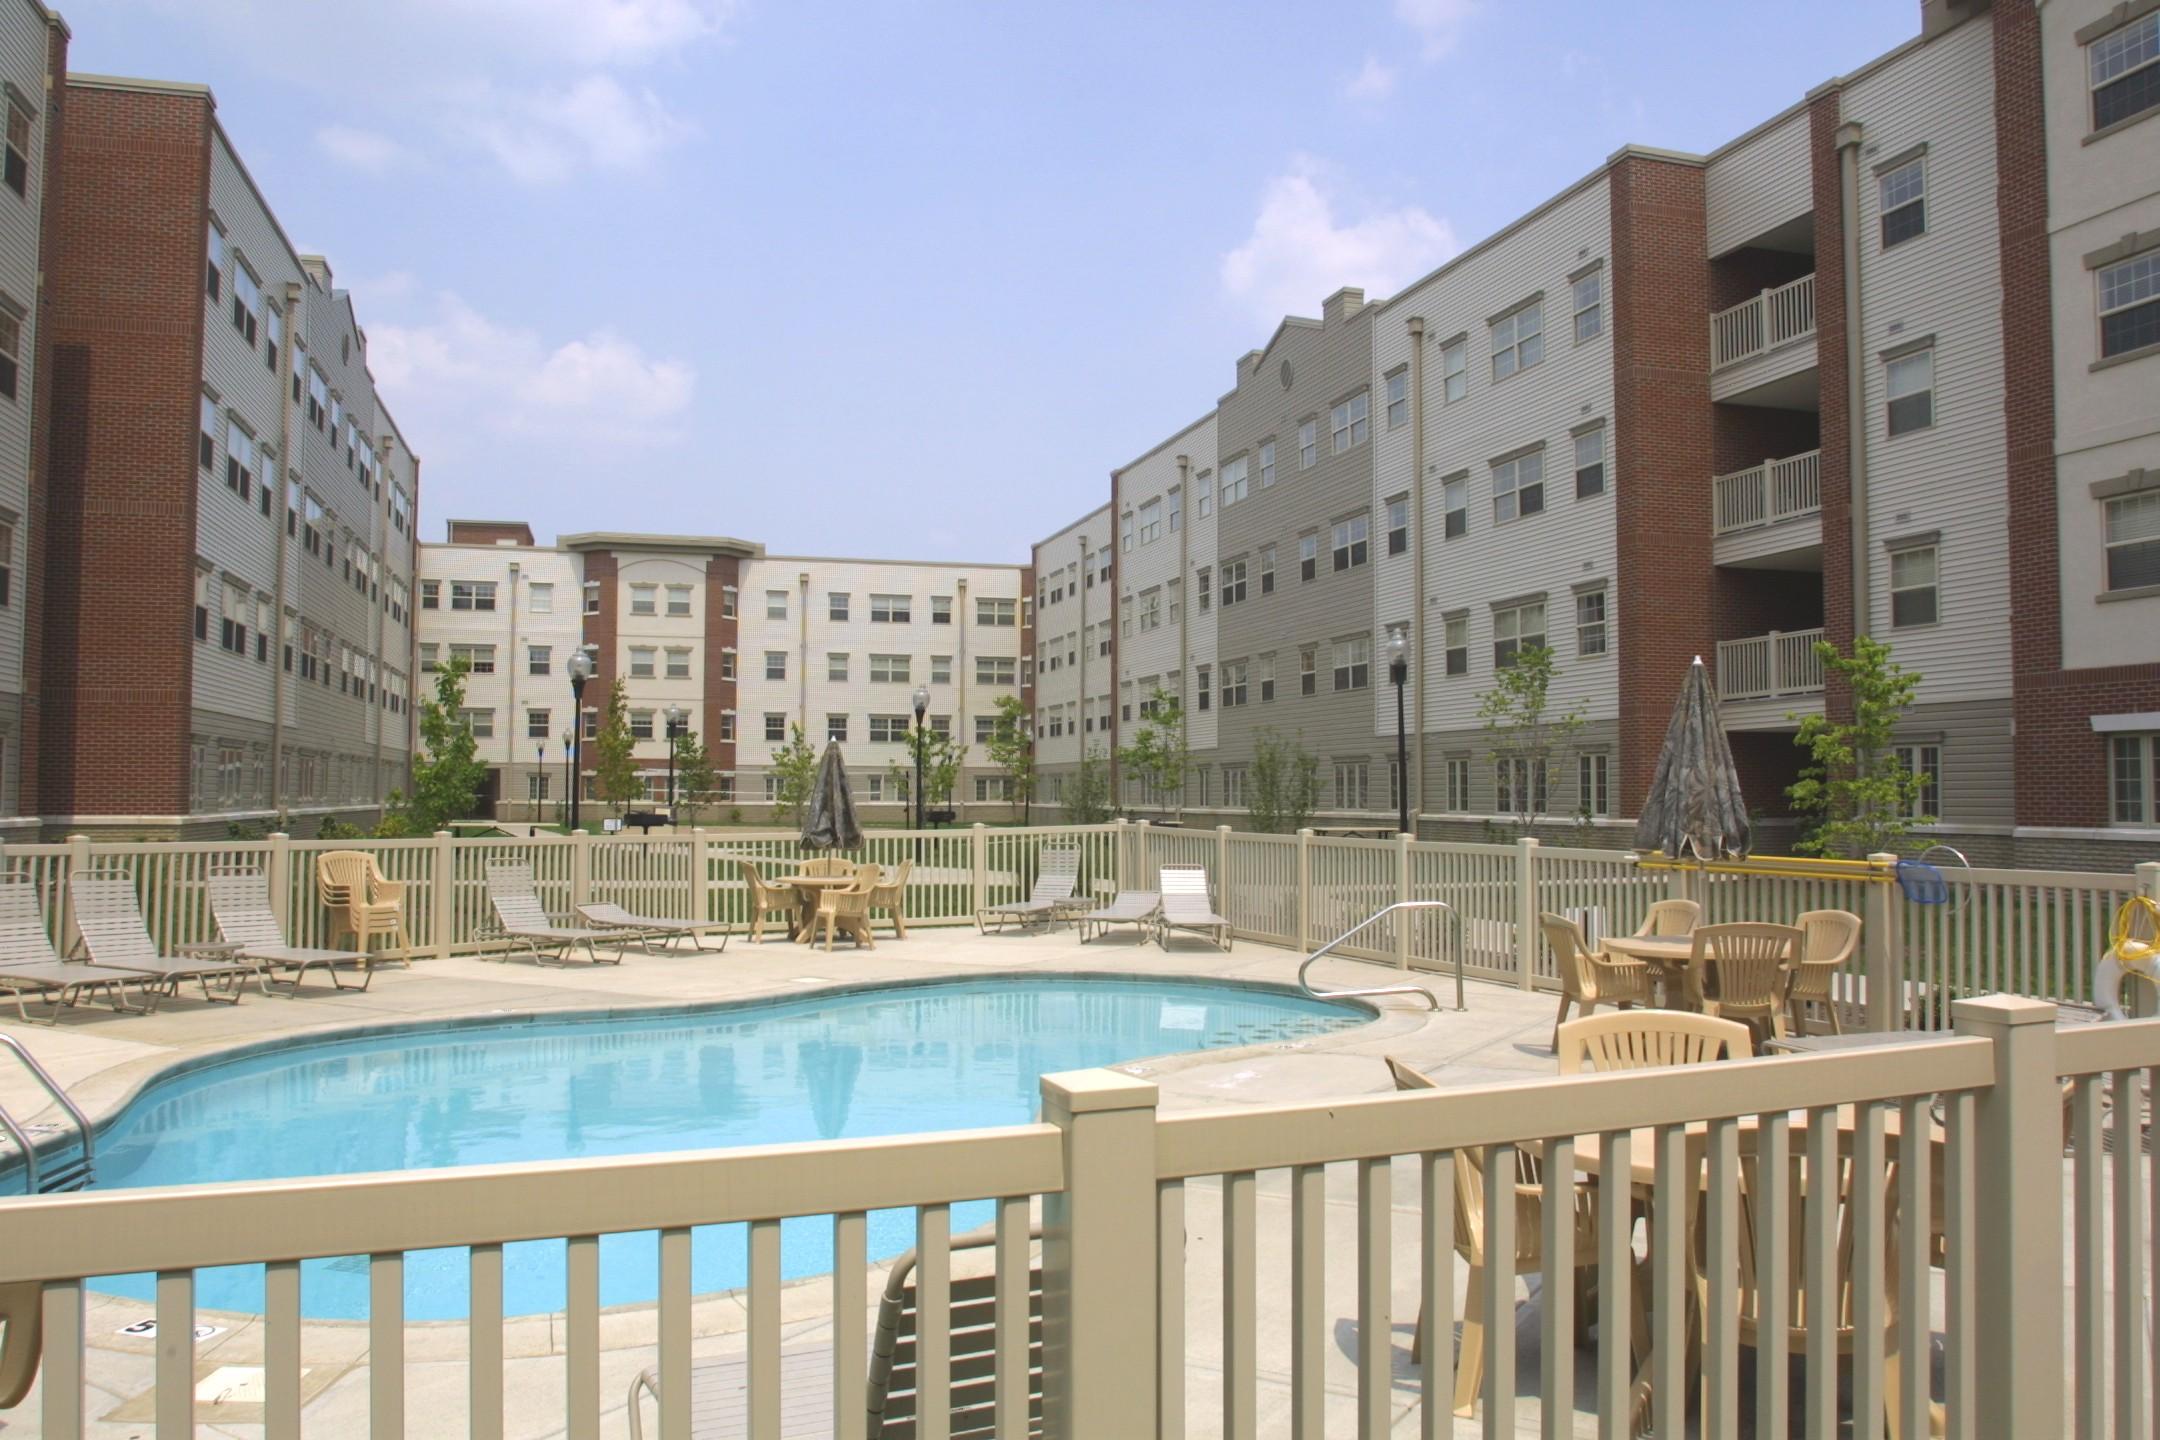 university-of-louisville-bettie-johnson-pool